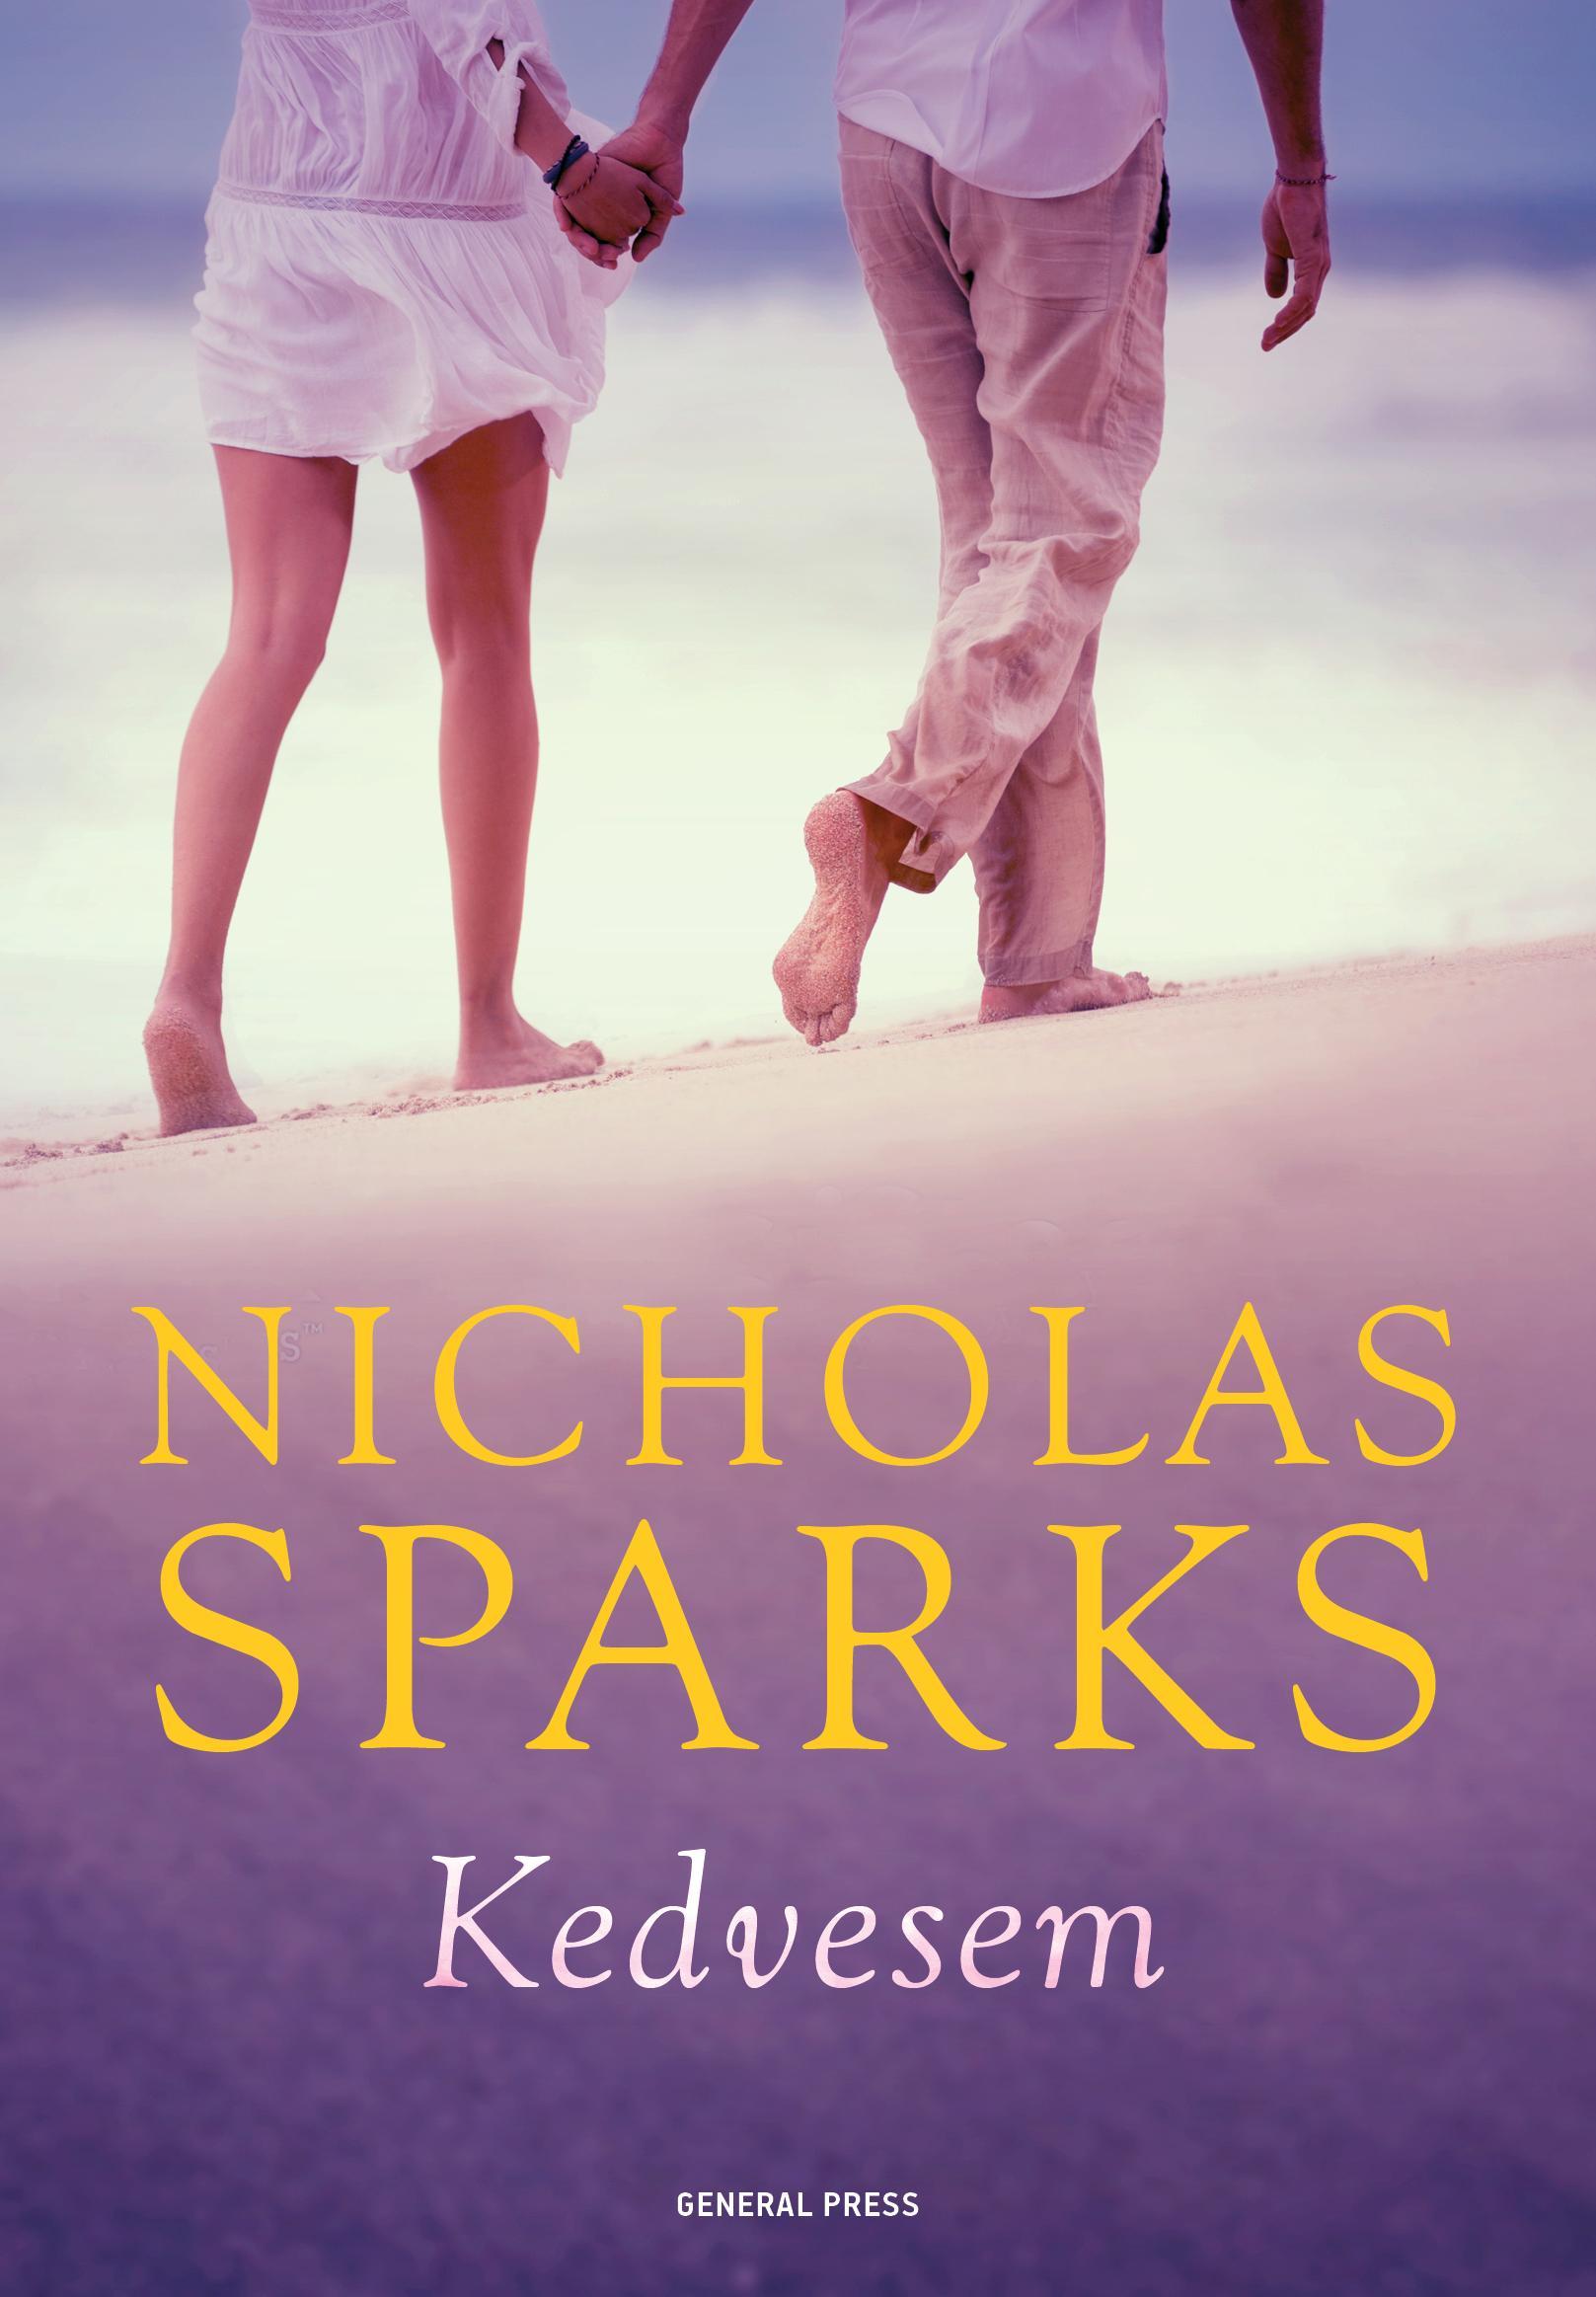 Nicholas Sparks - Kedvesem